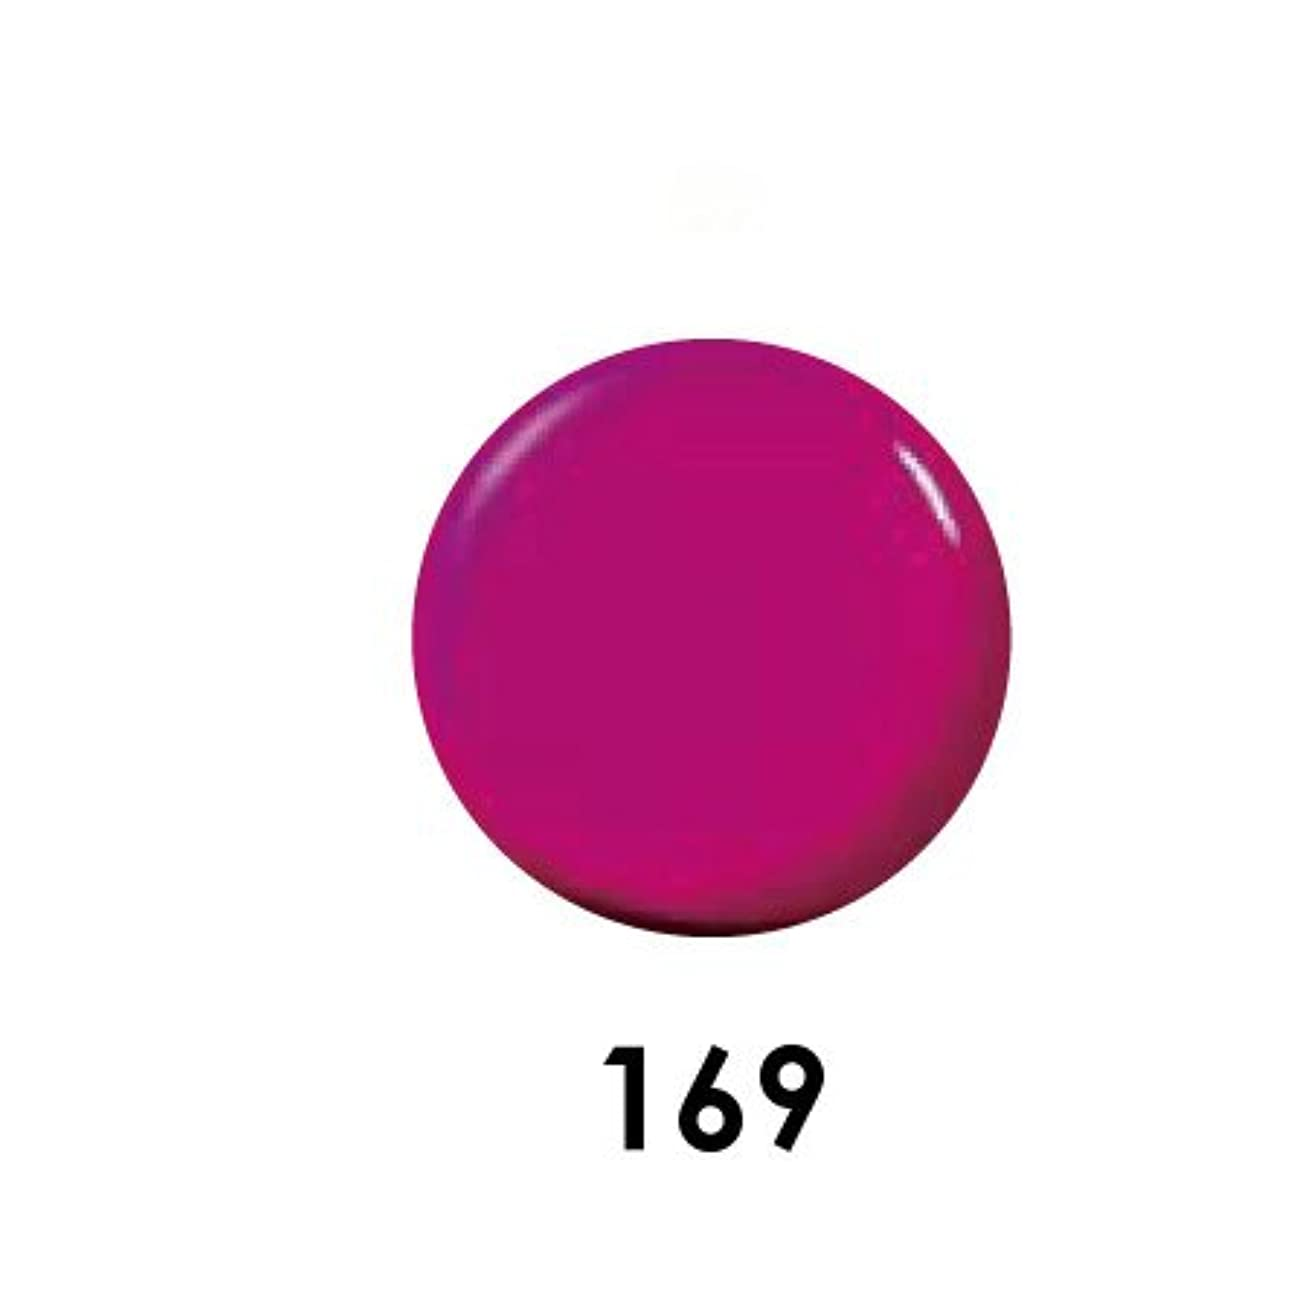 保険をかける変更可能慣性Putiel プティール カラージェル 169 ラテンピンク 2g (MARIEプロデュース)